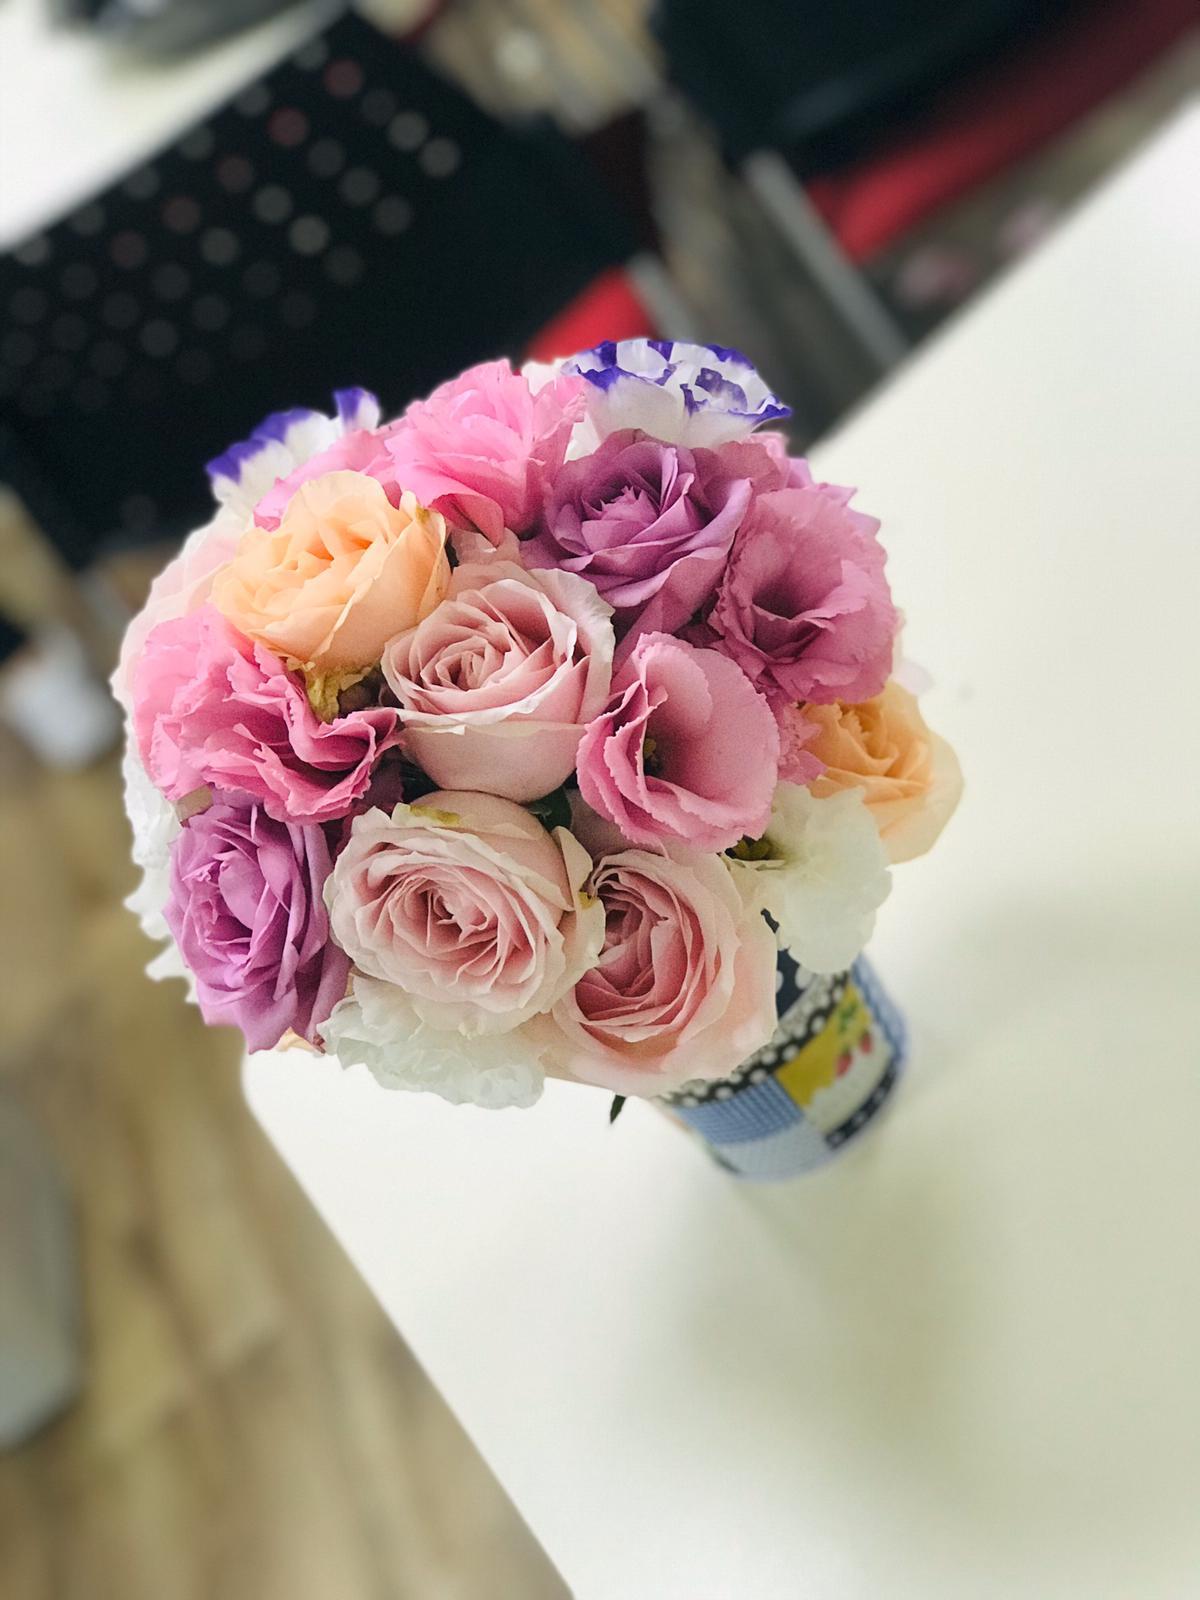 גלרייה - שיעור שזירת פרחים - קורס הפקת אירועים מחזור 24, 26 מתוך 35